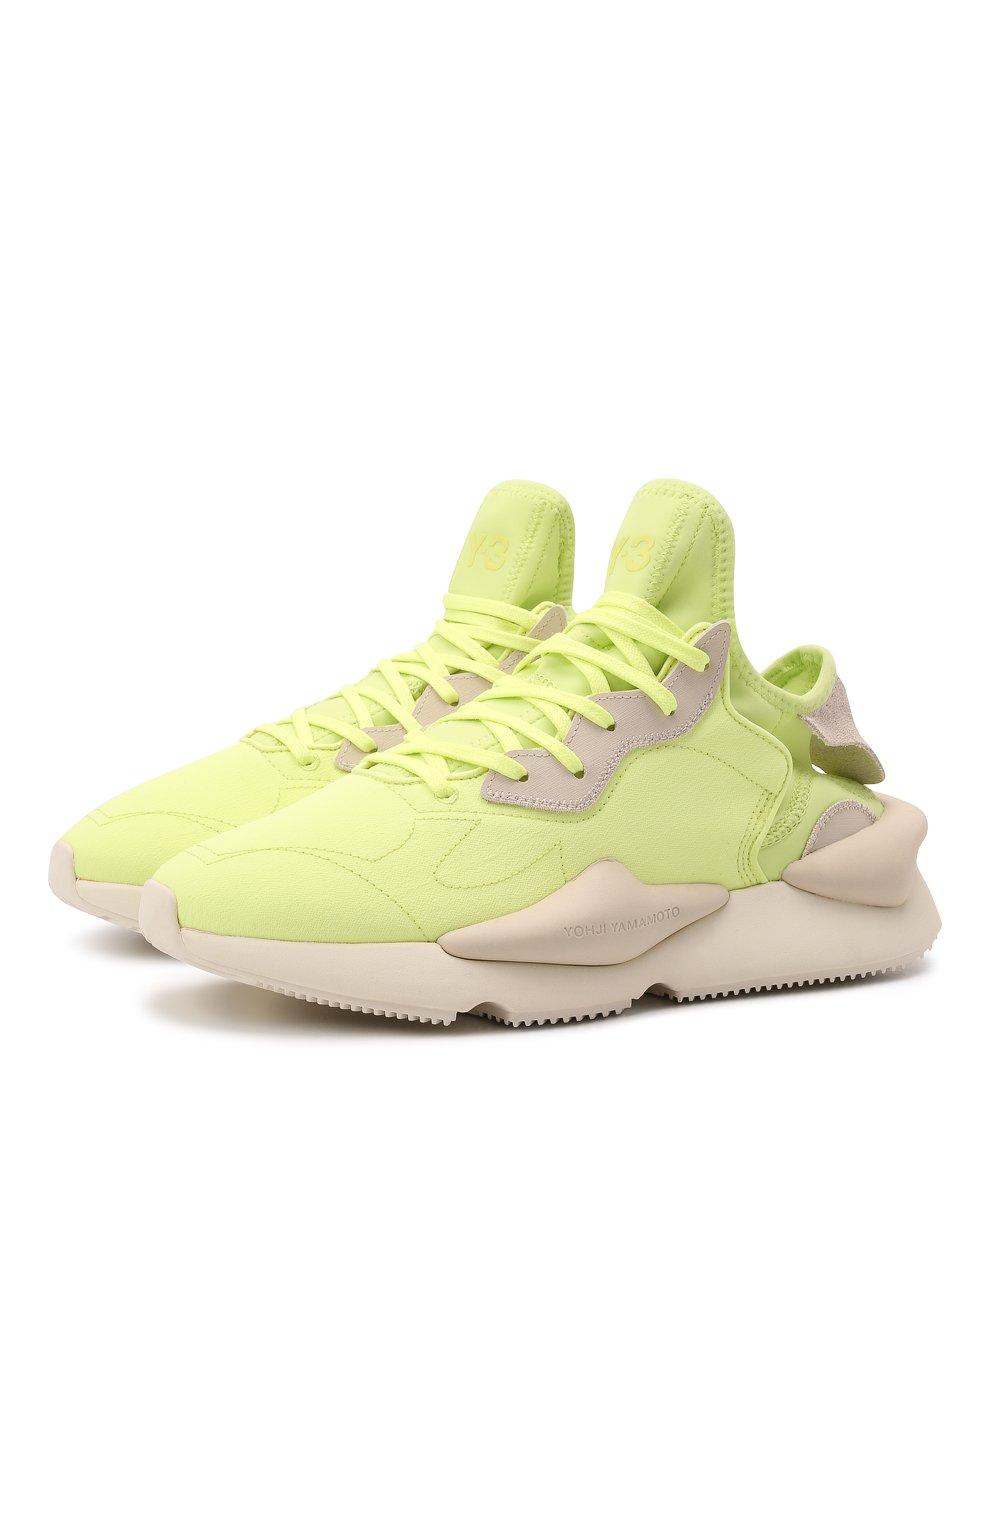 Мужские текстильные кроссовки kaiwa Y-3 светло-зеленого цвета, арт. GZ9144/M | Фото 1 (Материал внешний: Текстиль; Материал внутренний: Натуральная кожа, Текстиль; Подошва: Массивная; Стили: Спорт)